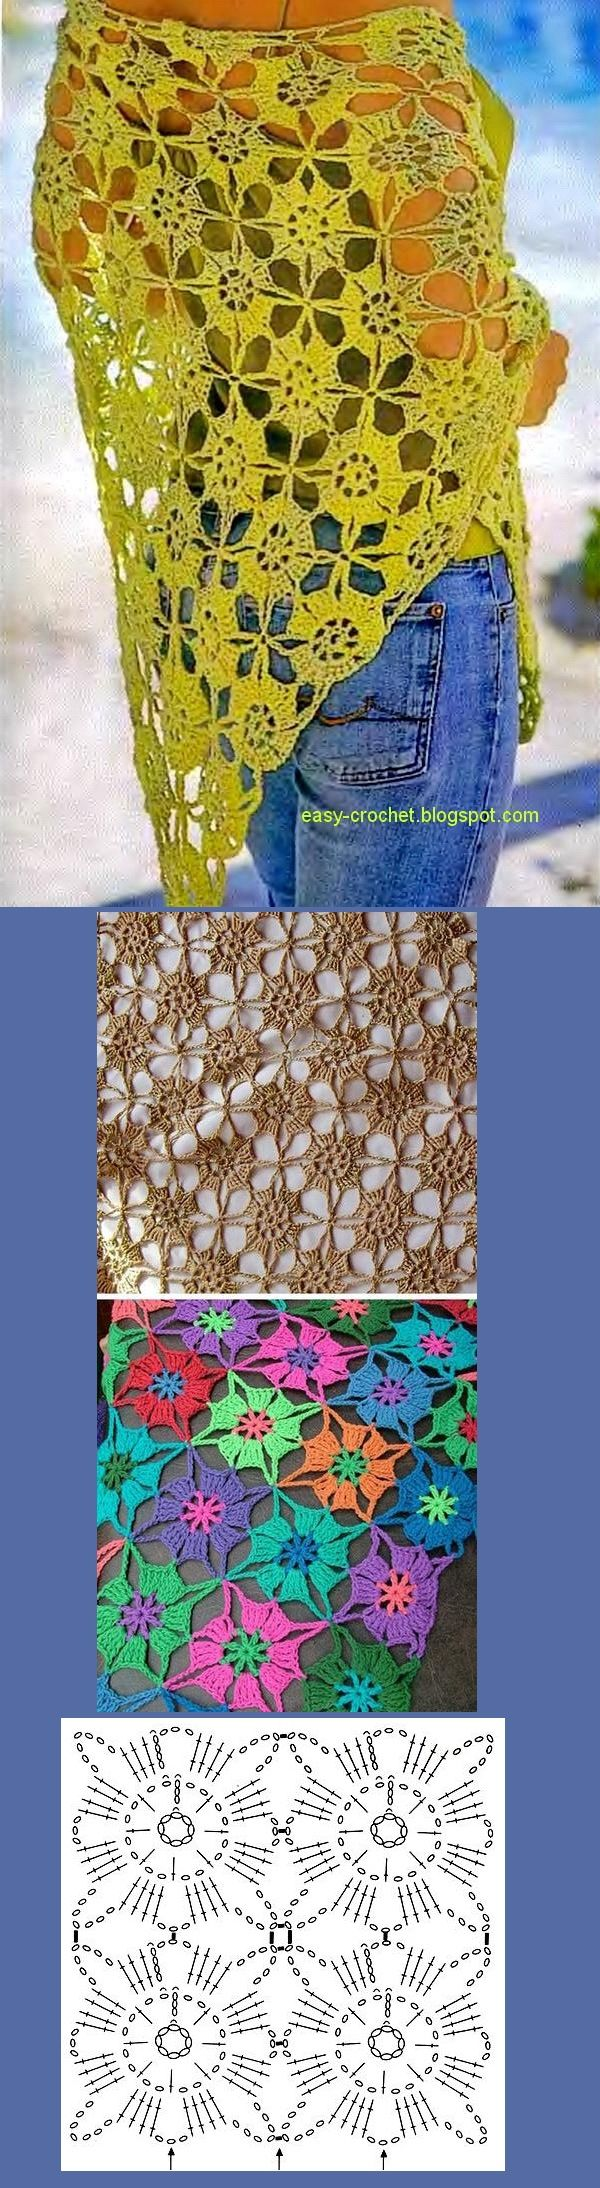 Sillas vintage el rinc 243 n di ree - Stylish Crochet F Cil Crochet Xale Padr O Gr Tis Elegante E F Cil